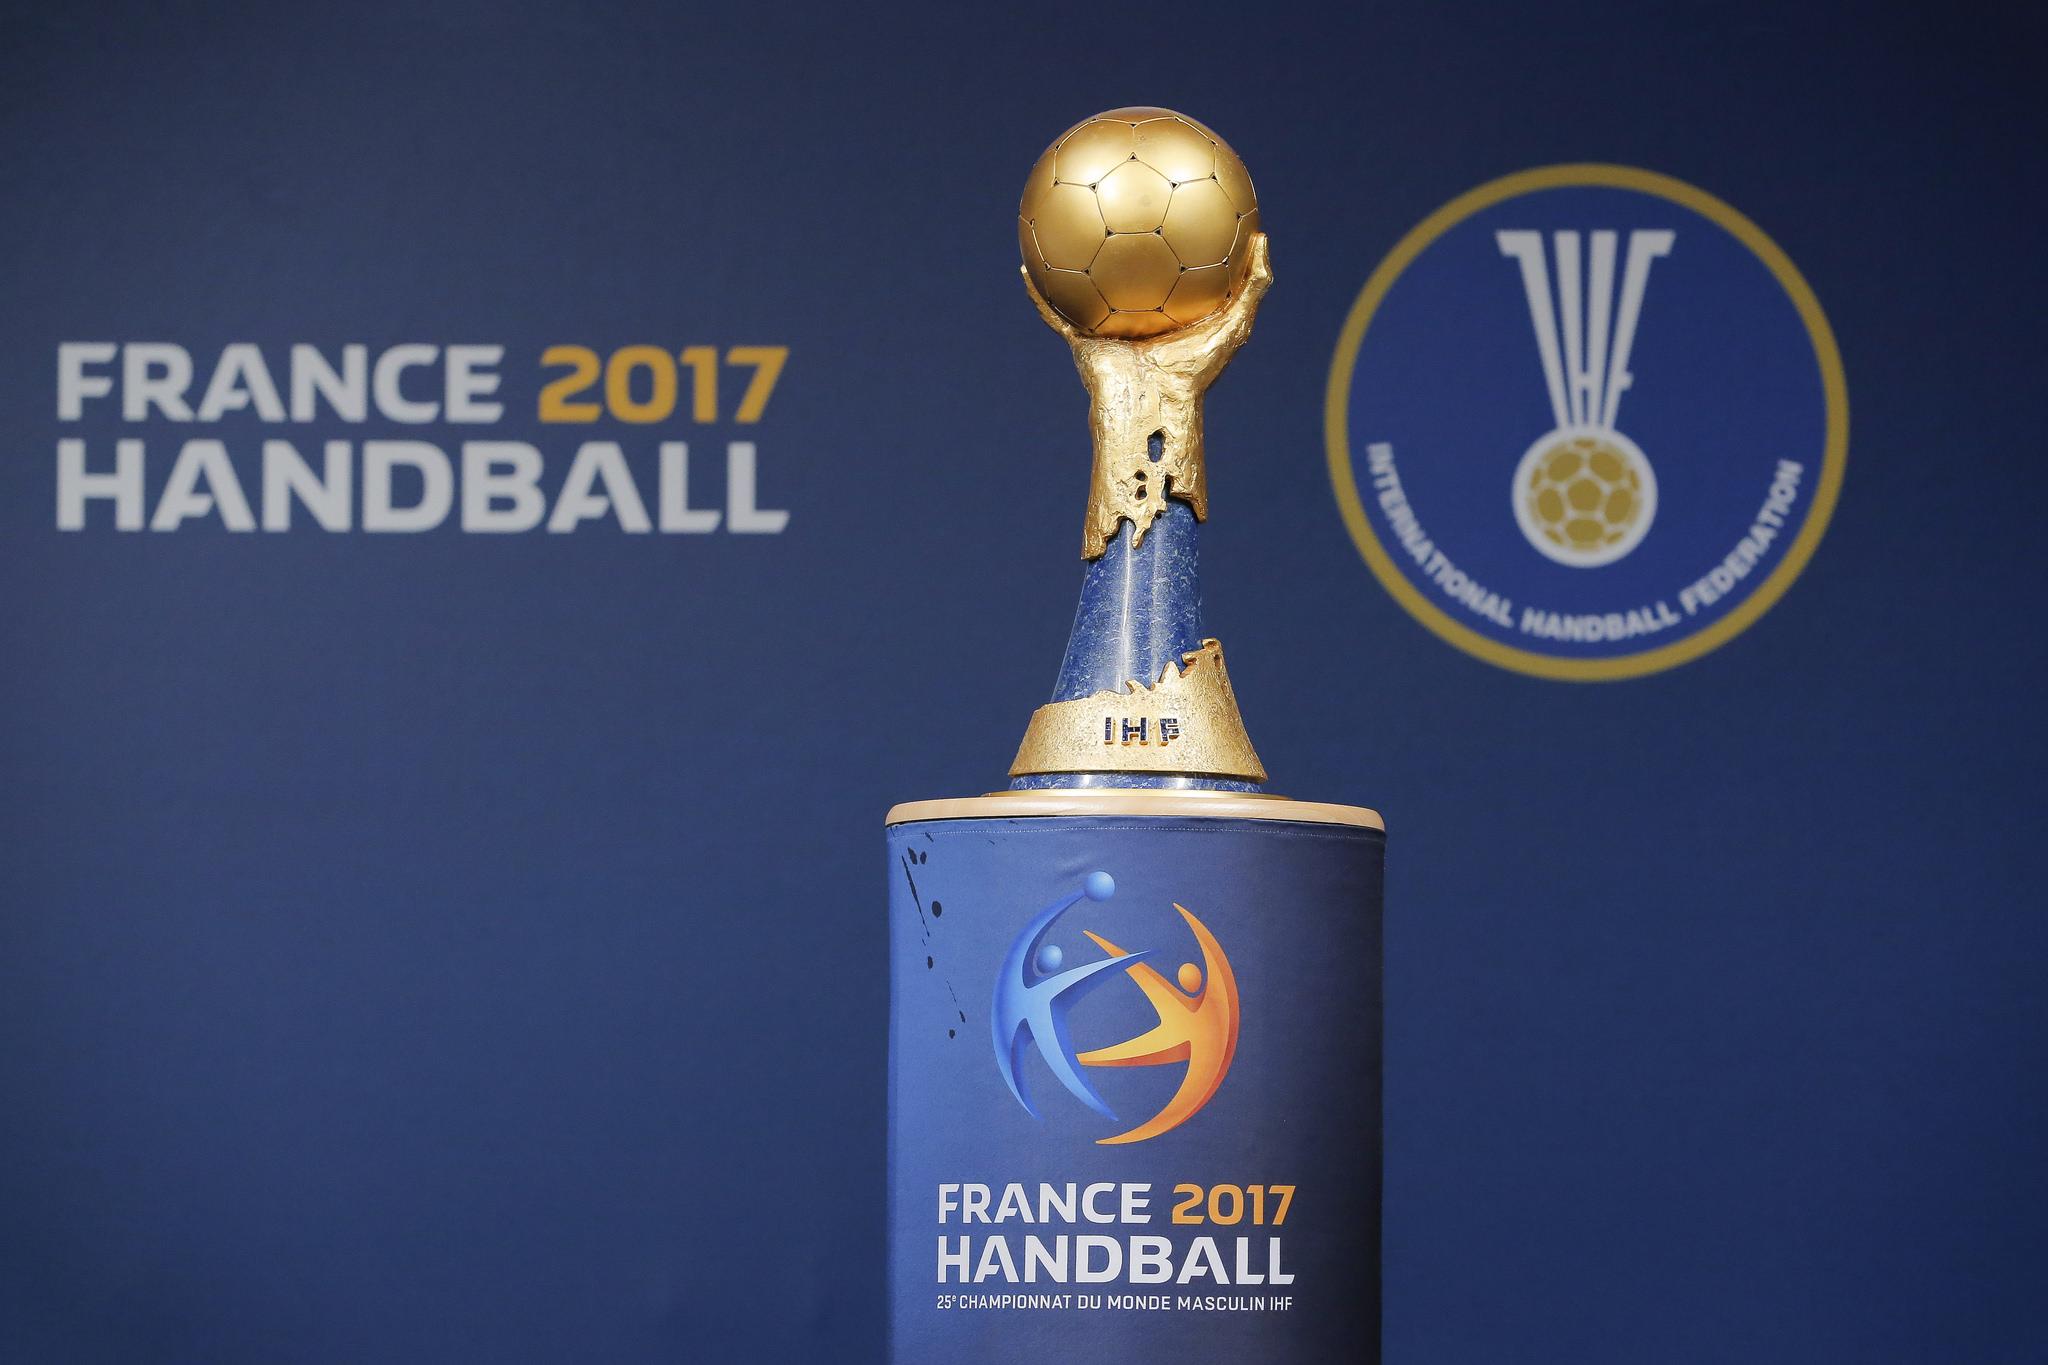 Un ch que de 100 000 dollars pour le vainqueur du - Final coupe du monde de handball 2015 ...